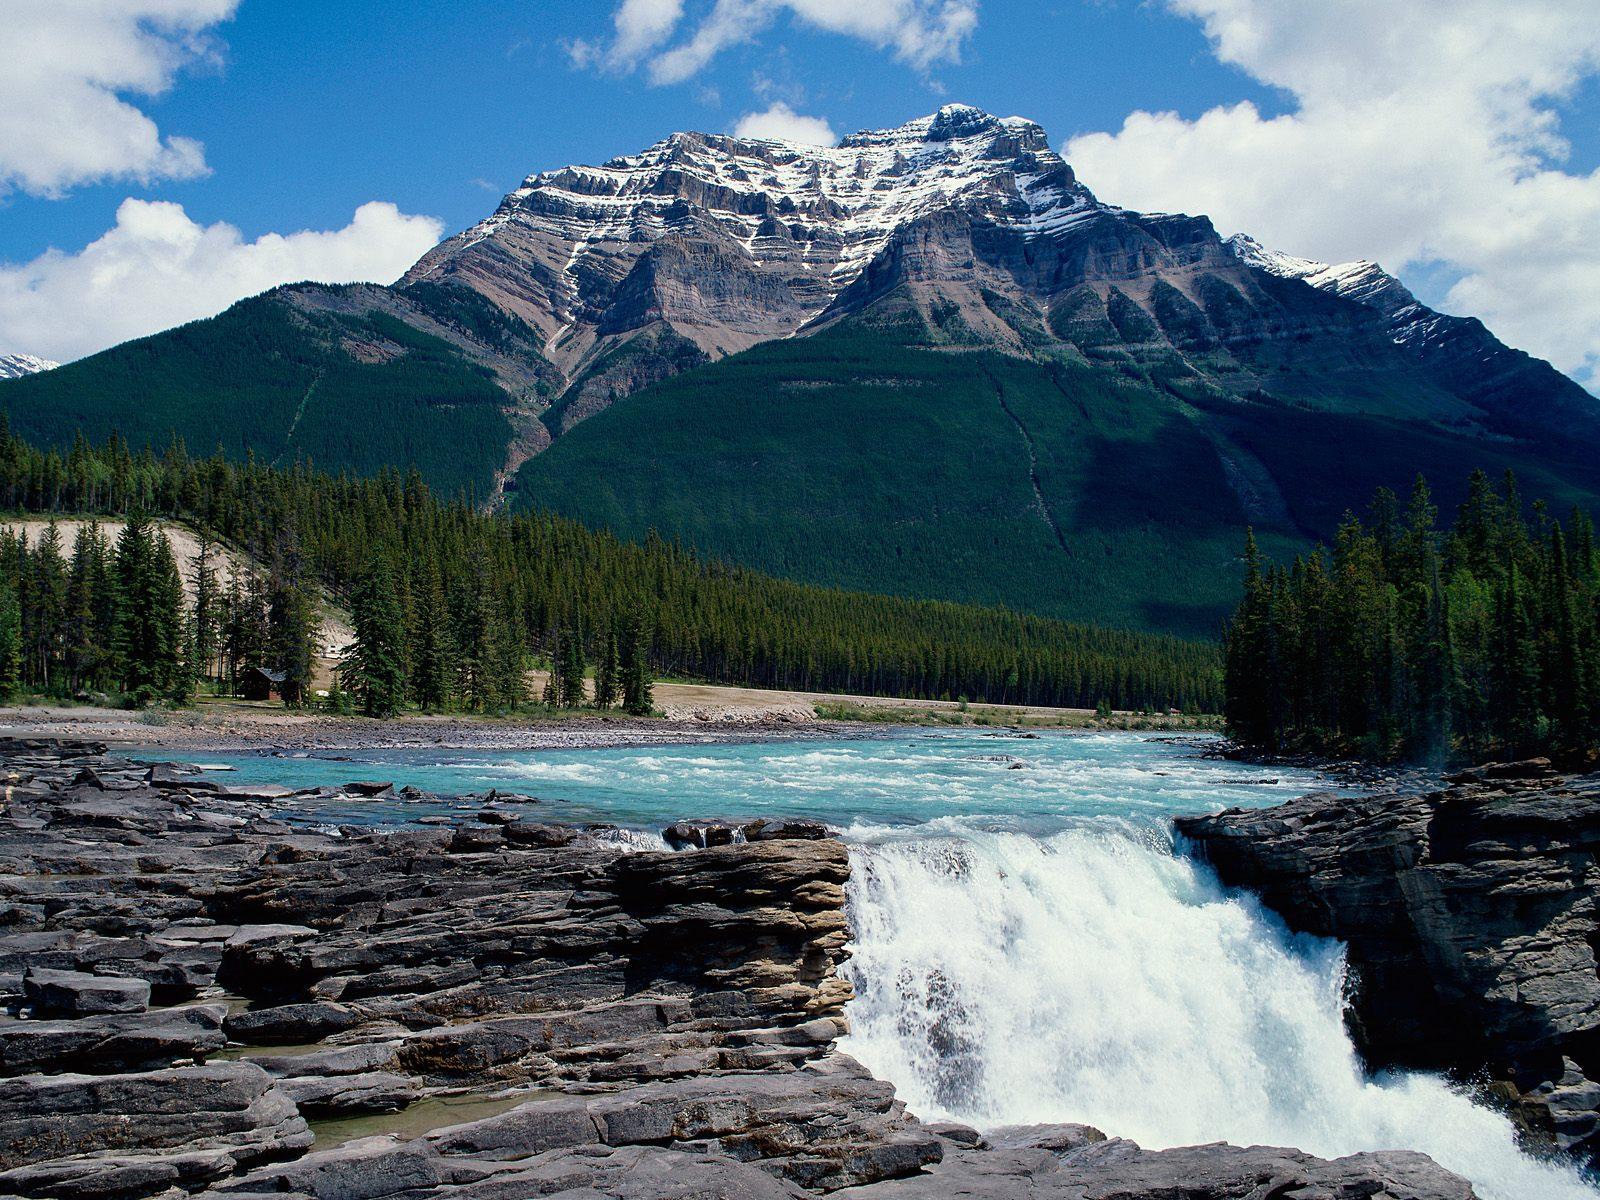 http://3.bp.blogspot.com/-XvptUCkUnuQ/Tfrhv_XTgtI/AAAAAAAAFIM/t7ddvSGiPH8/s1600/Canada%2B%25283%2529.jpg